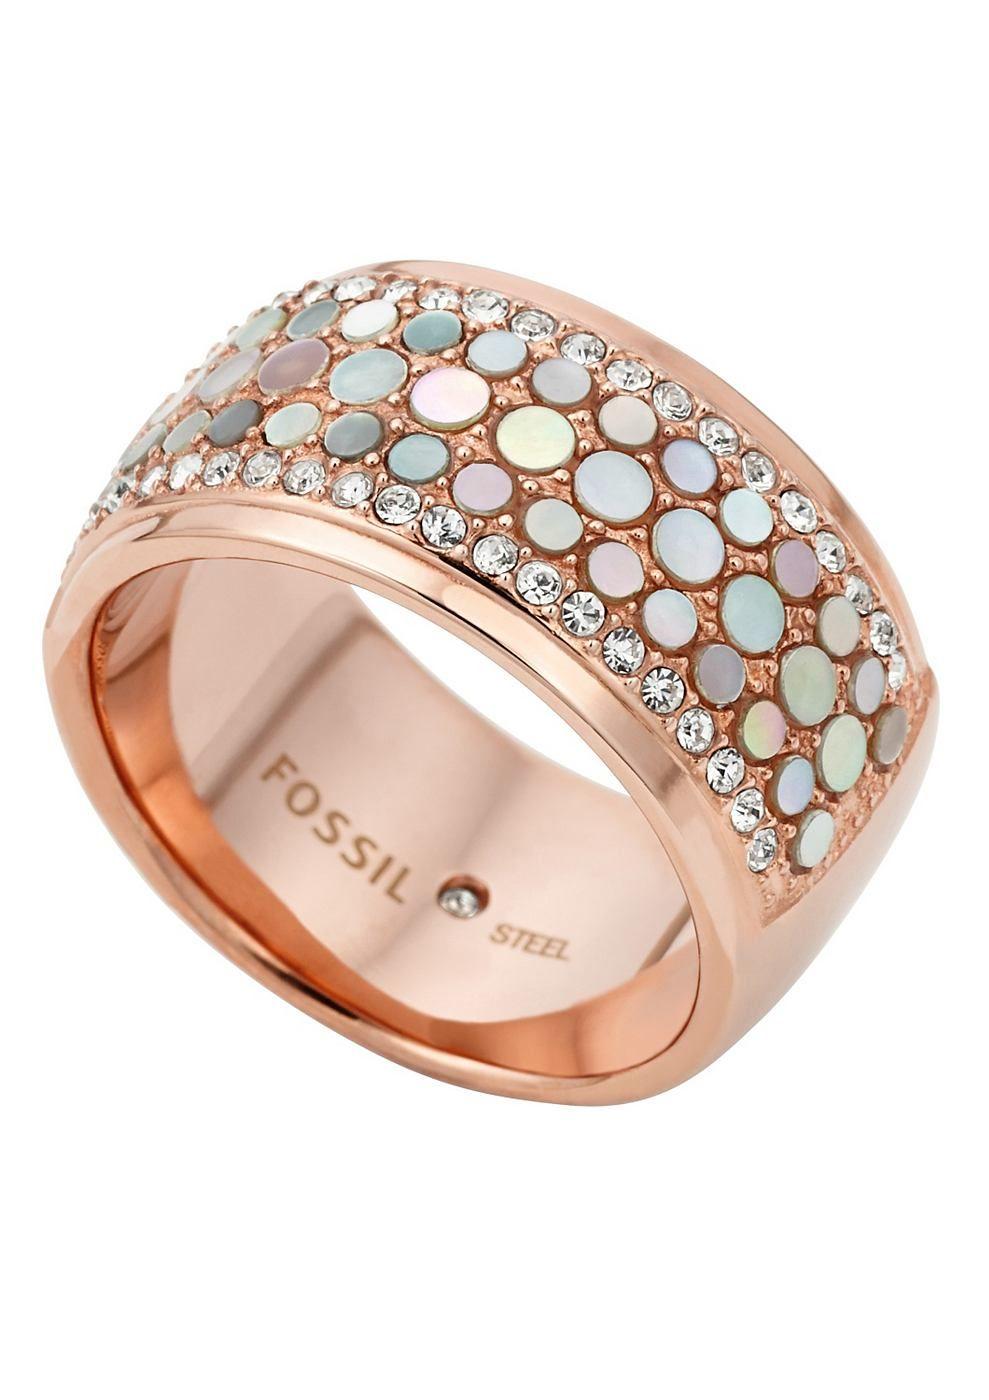 Ring, »JF01742791«, Fossil. Einfach schick! Dezente Highlights zeichnen dieses Schmuckstück aus poliertem, roségoldfarben IP-beschichtetem Edelstahl aus. Schimmernder Perlmutt und funkelnde Glassteine verleihen dem Design eine glamouröse Note. Der Ring hat eine Breite von ca. 11 mm. Die Ringschiene wird im Innenbereich von einem funkelnden Zirkonia (synth.) geziert. Lieferung in einer Fossil-Ve...